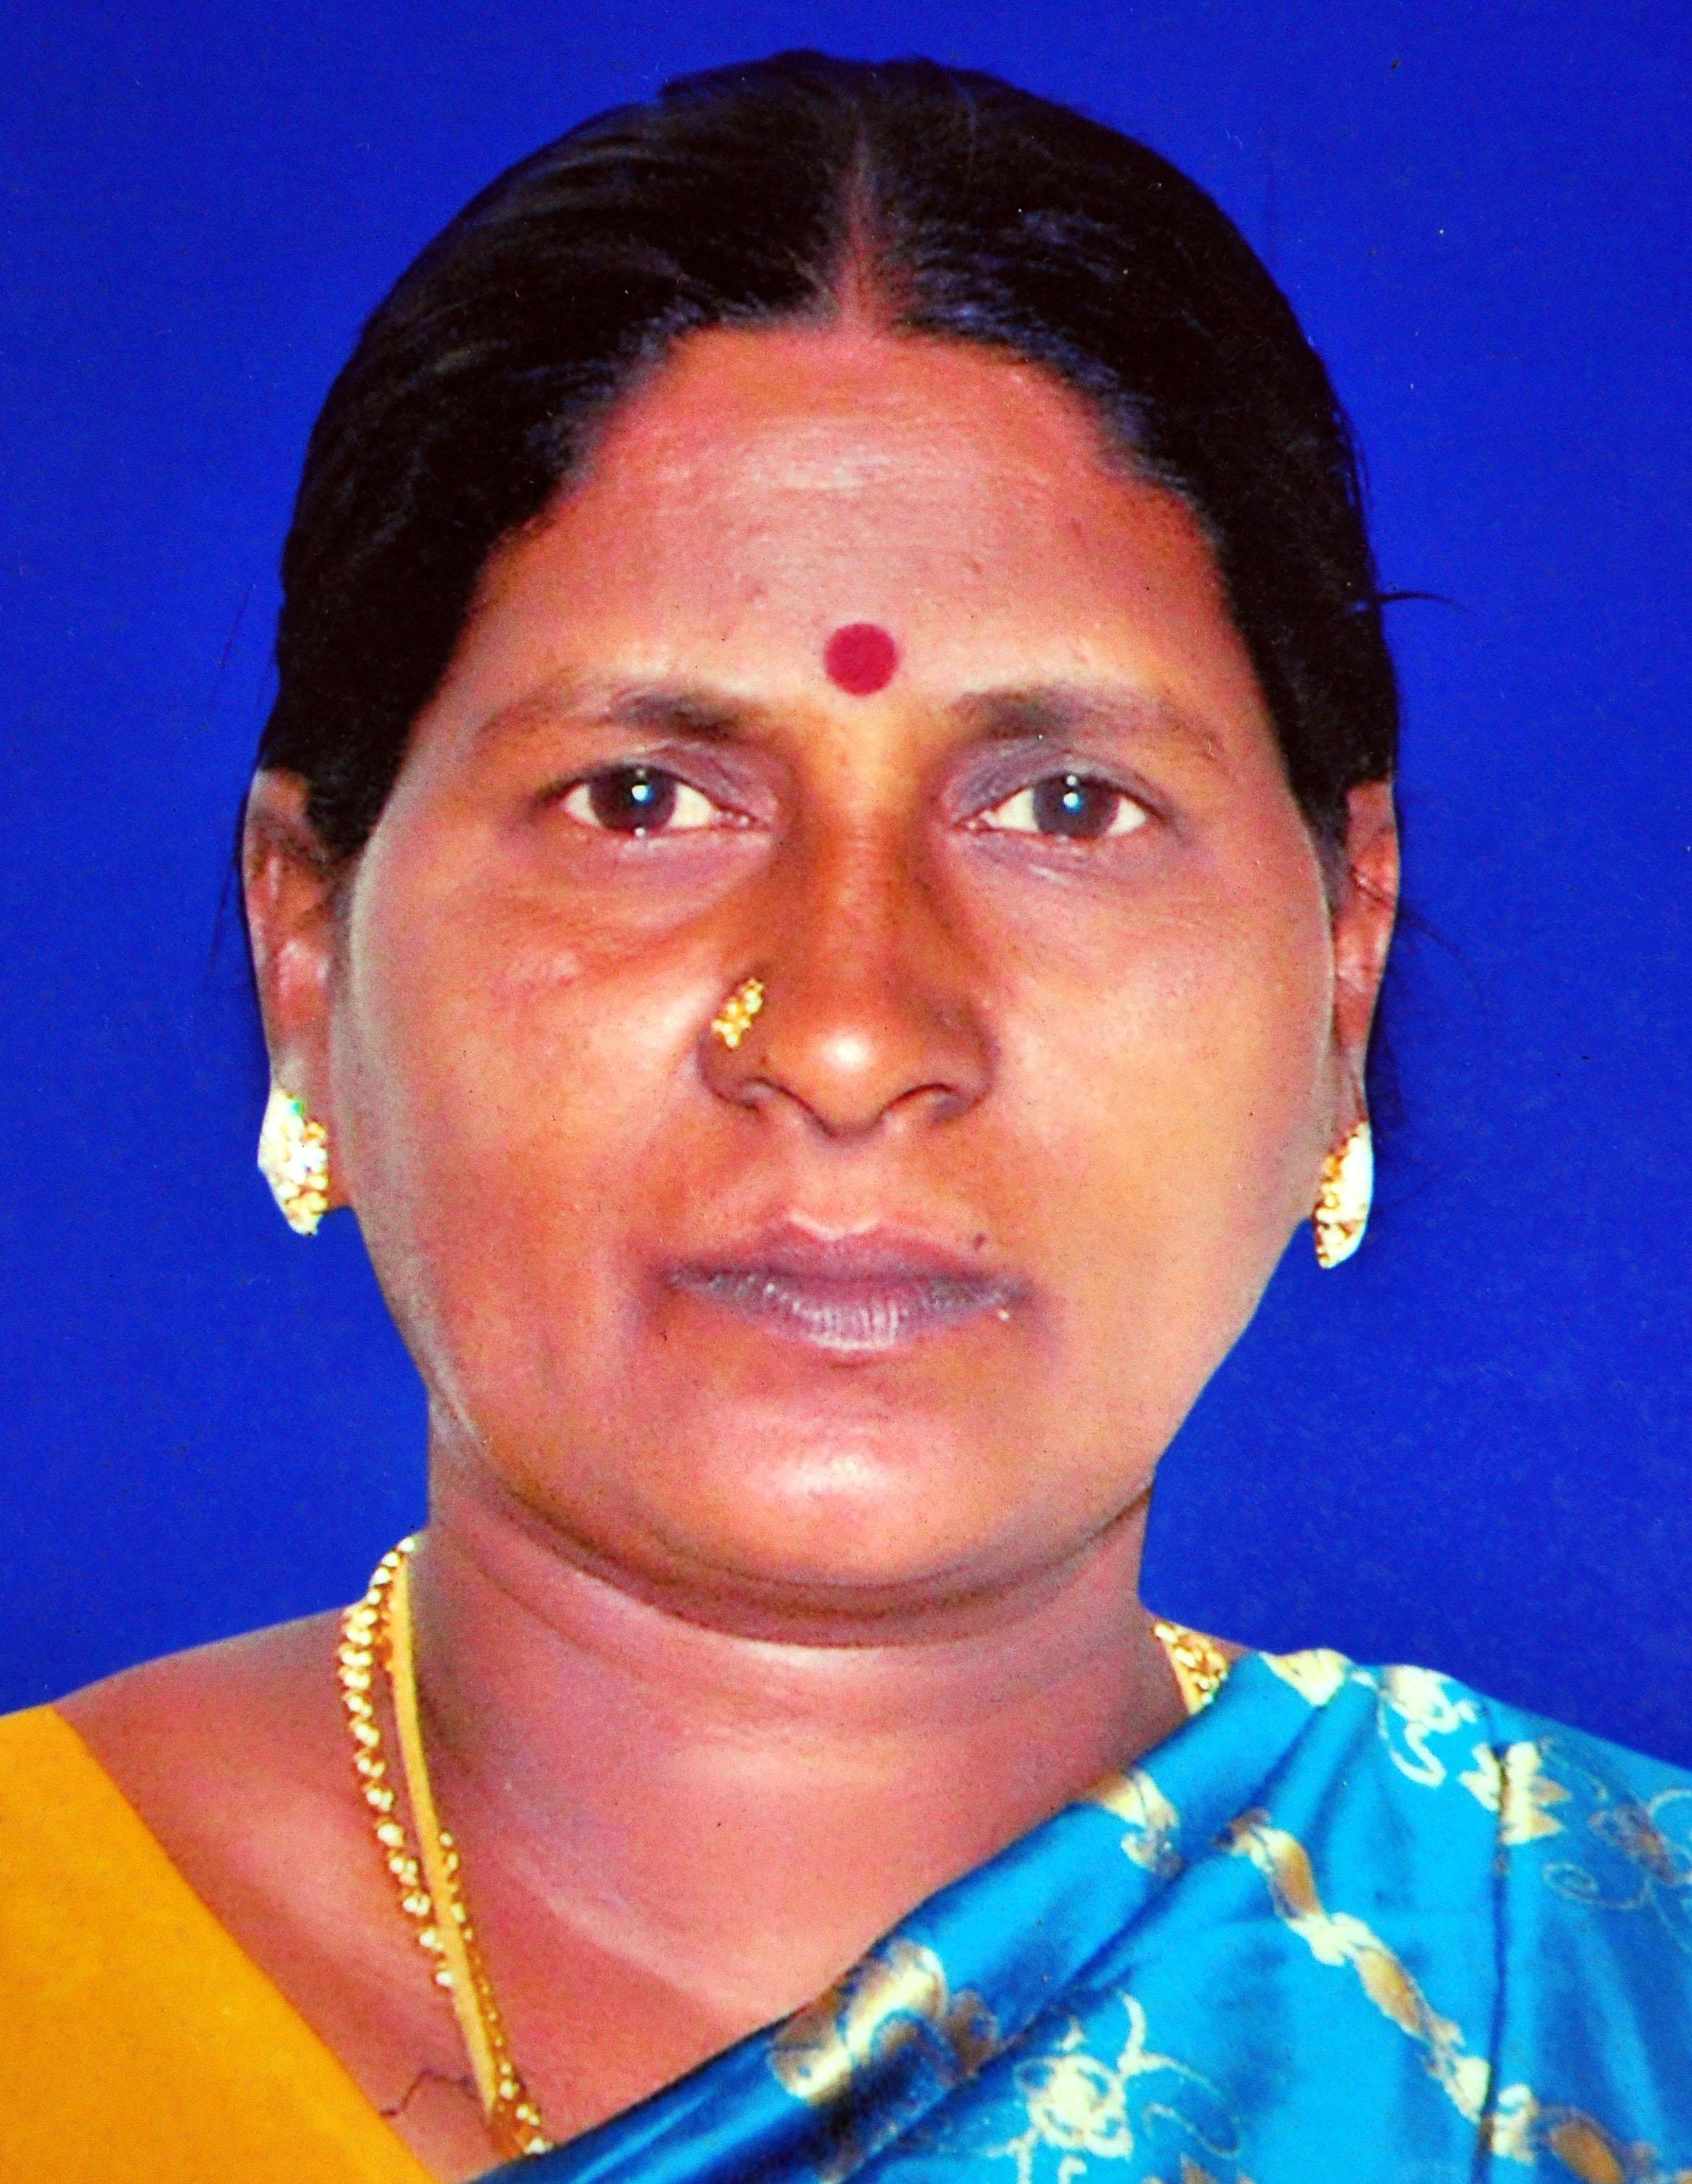 மருத்துவமனை அம்சா